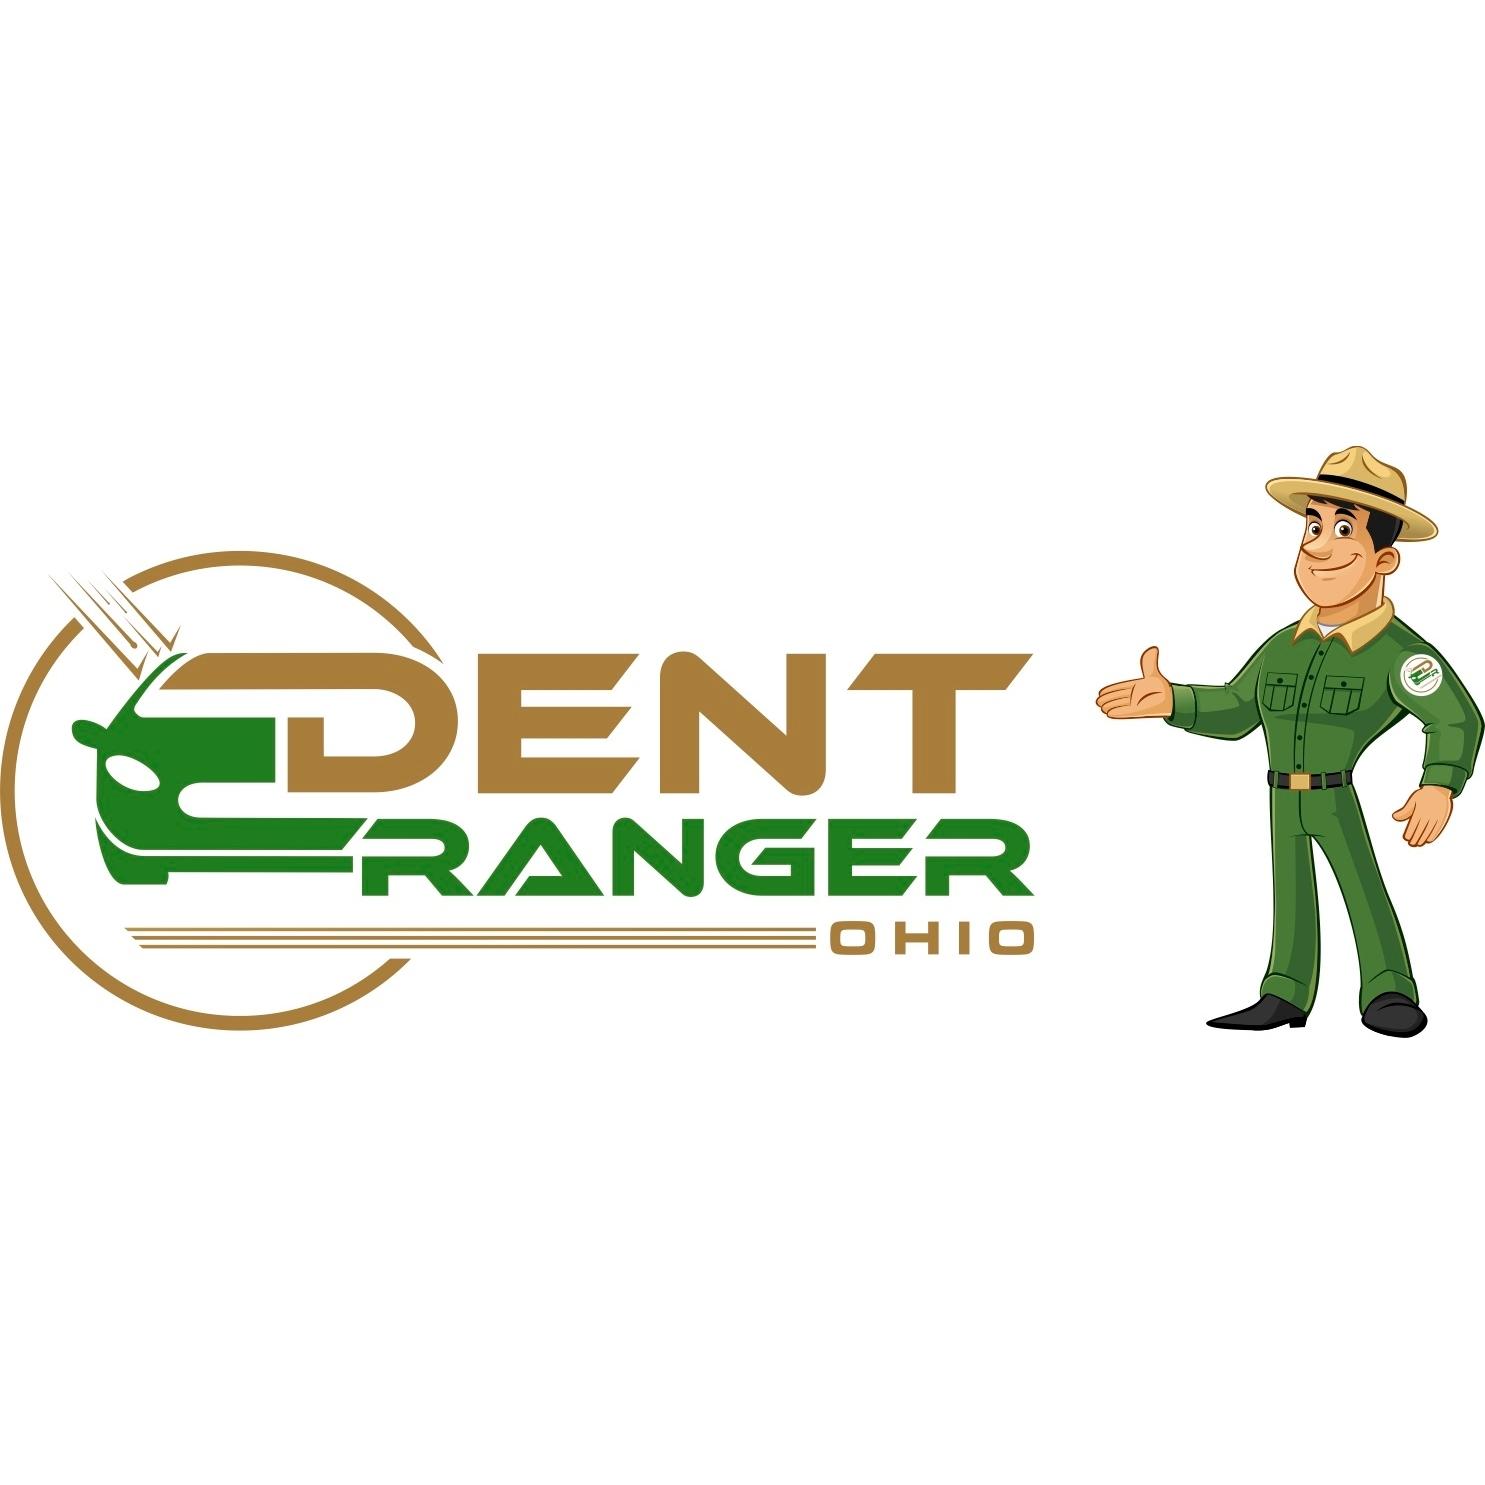 Dent Ranger Ohio